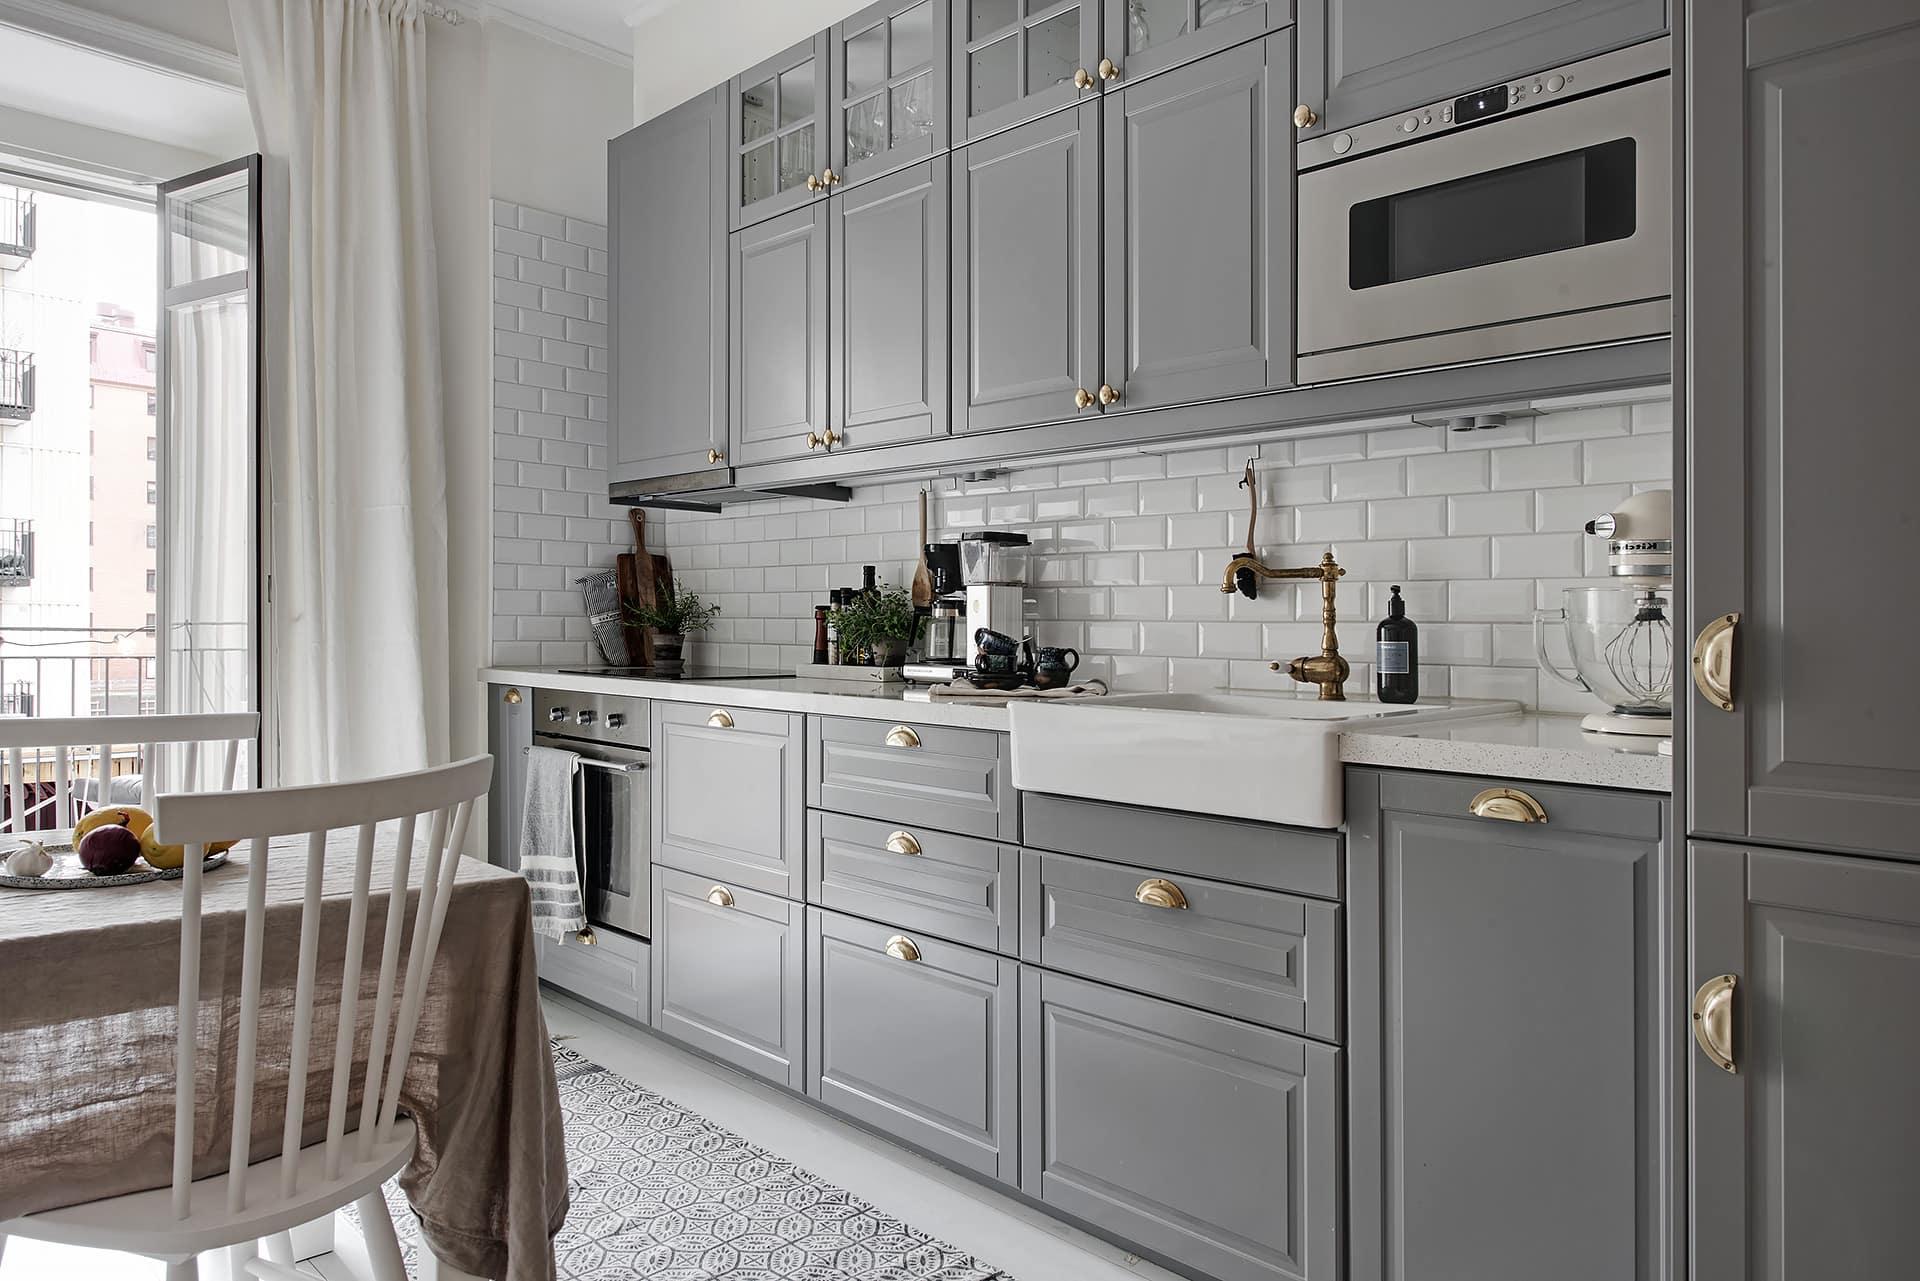 Фасады из натурального дерева выкрашенные в благородный серый цвет создают в помещении любого стиля особое настроение